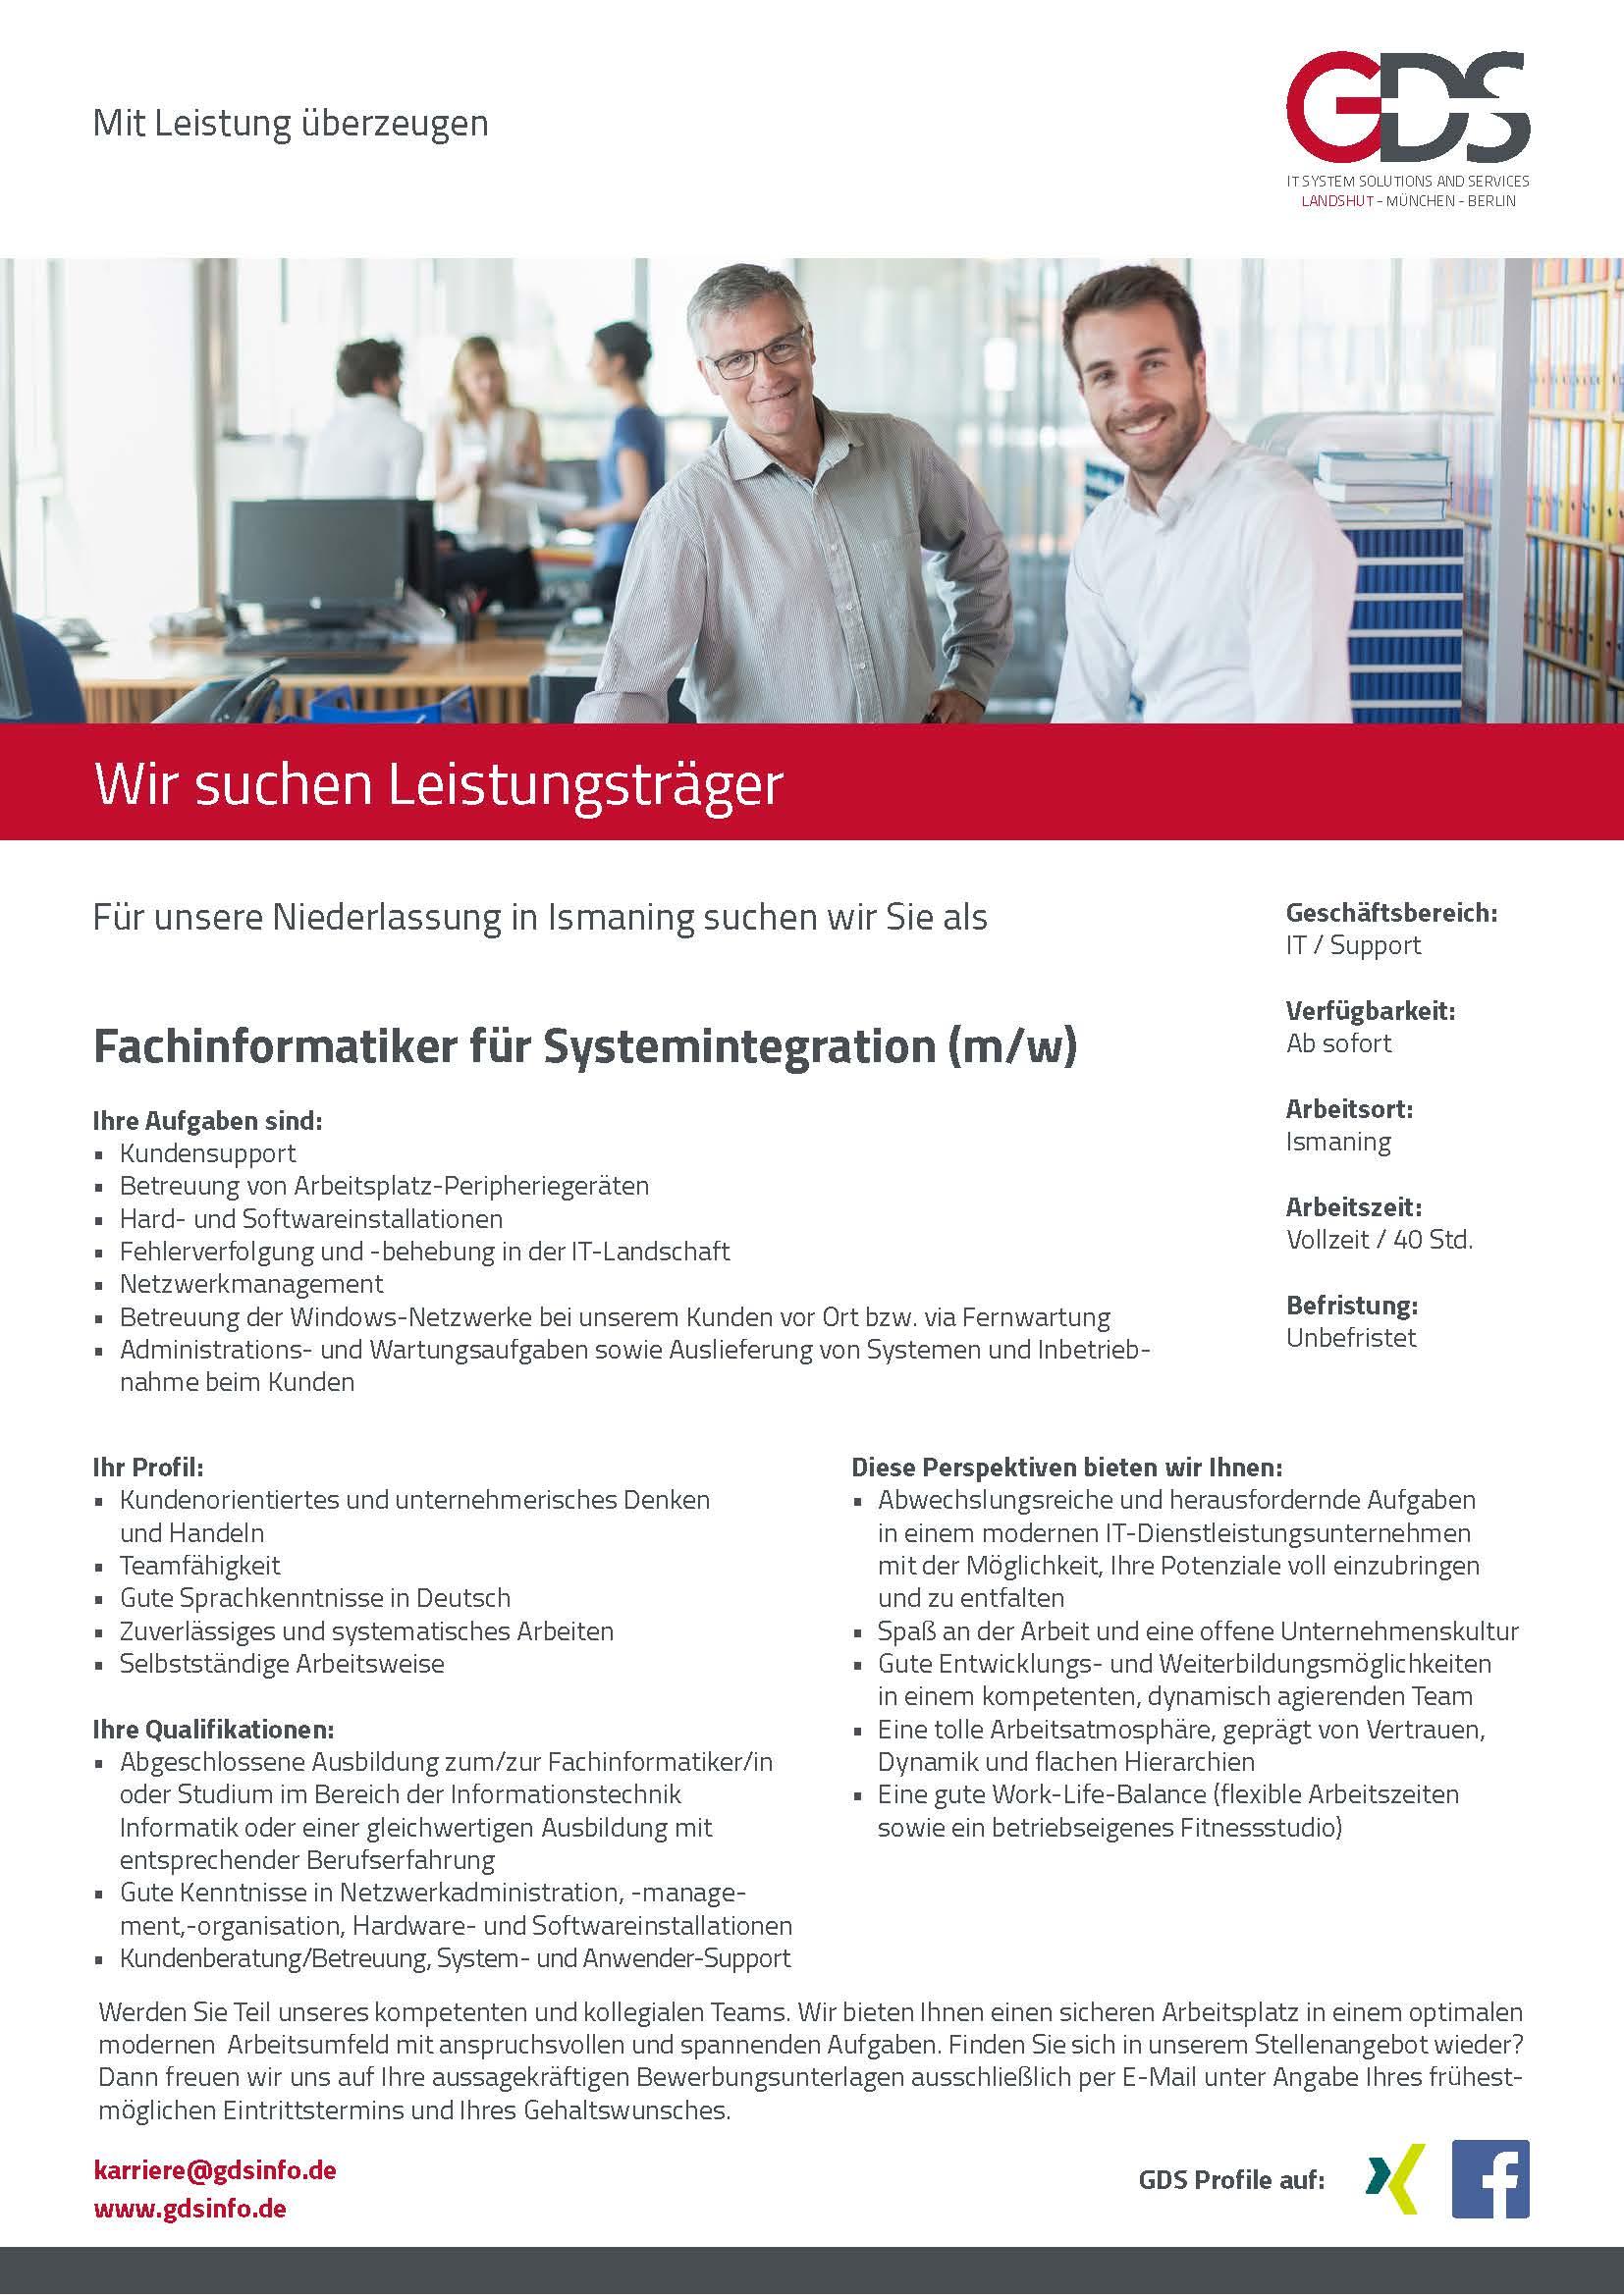 Fachinformatiker für Systemintegration (m/w) Standort Ismaning